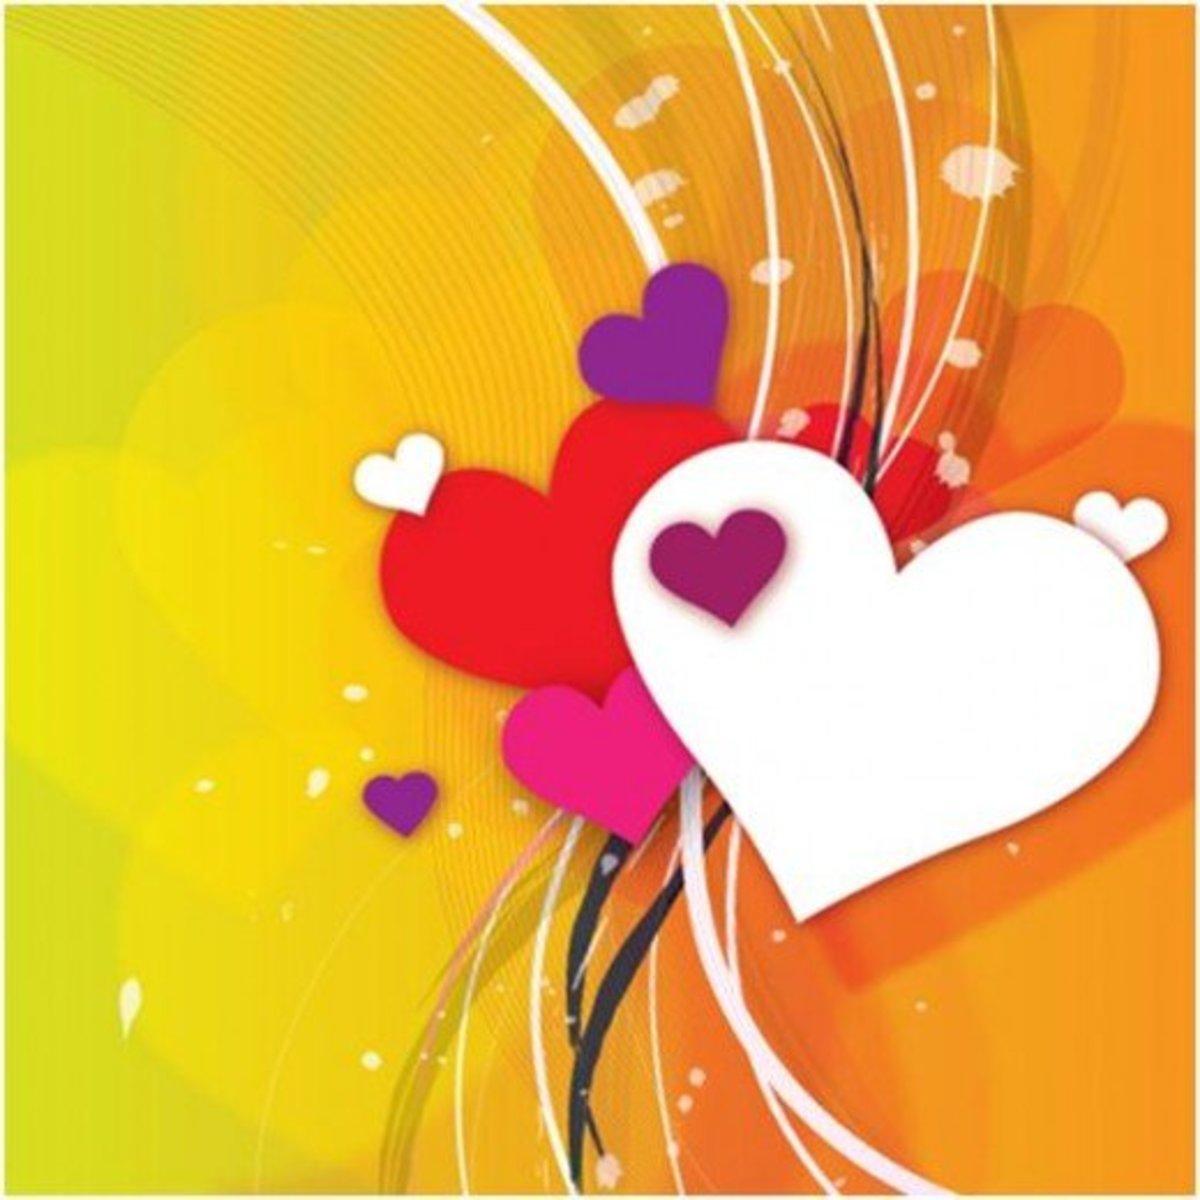 Multicolored Hearts Wallpaper